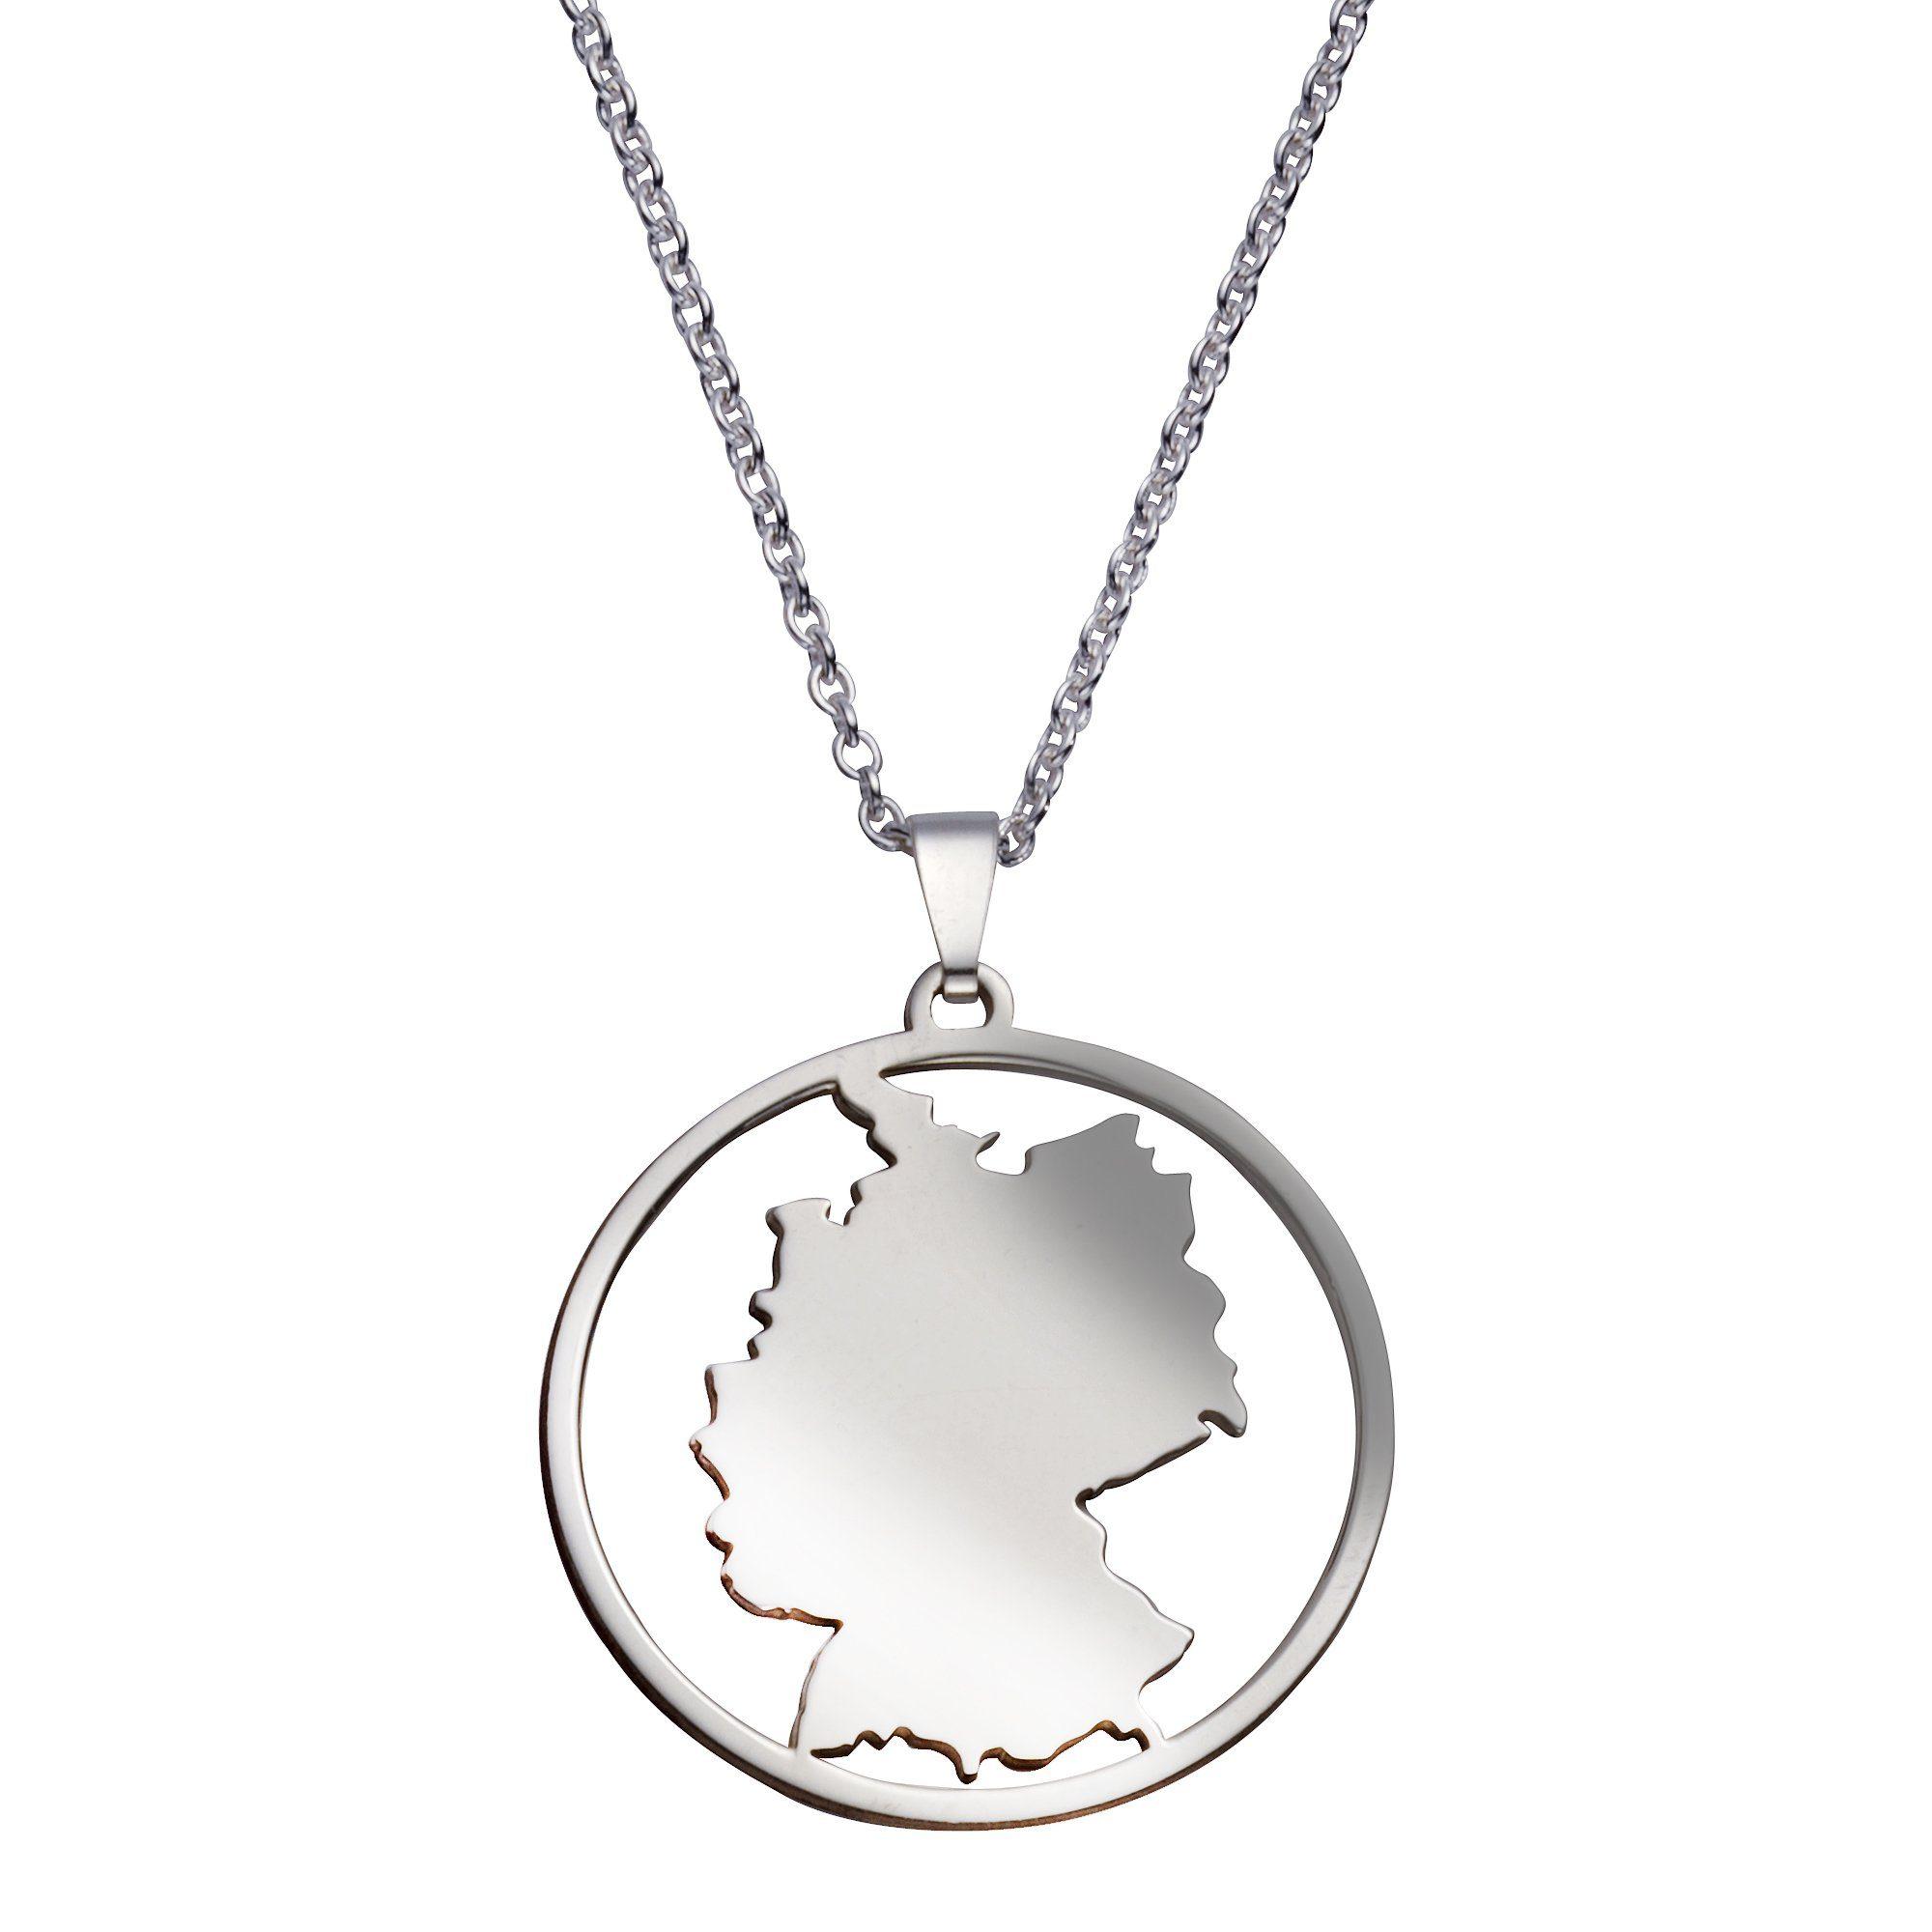 Vivance Anhänger/Kette 925/- Sterling Silber Deutschland | Schmuck > Halsketten > Silberketten | Vivance